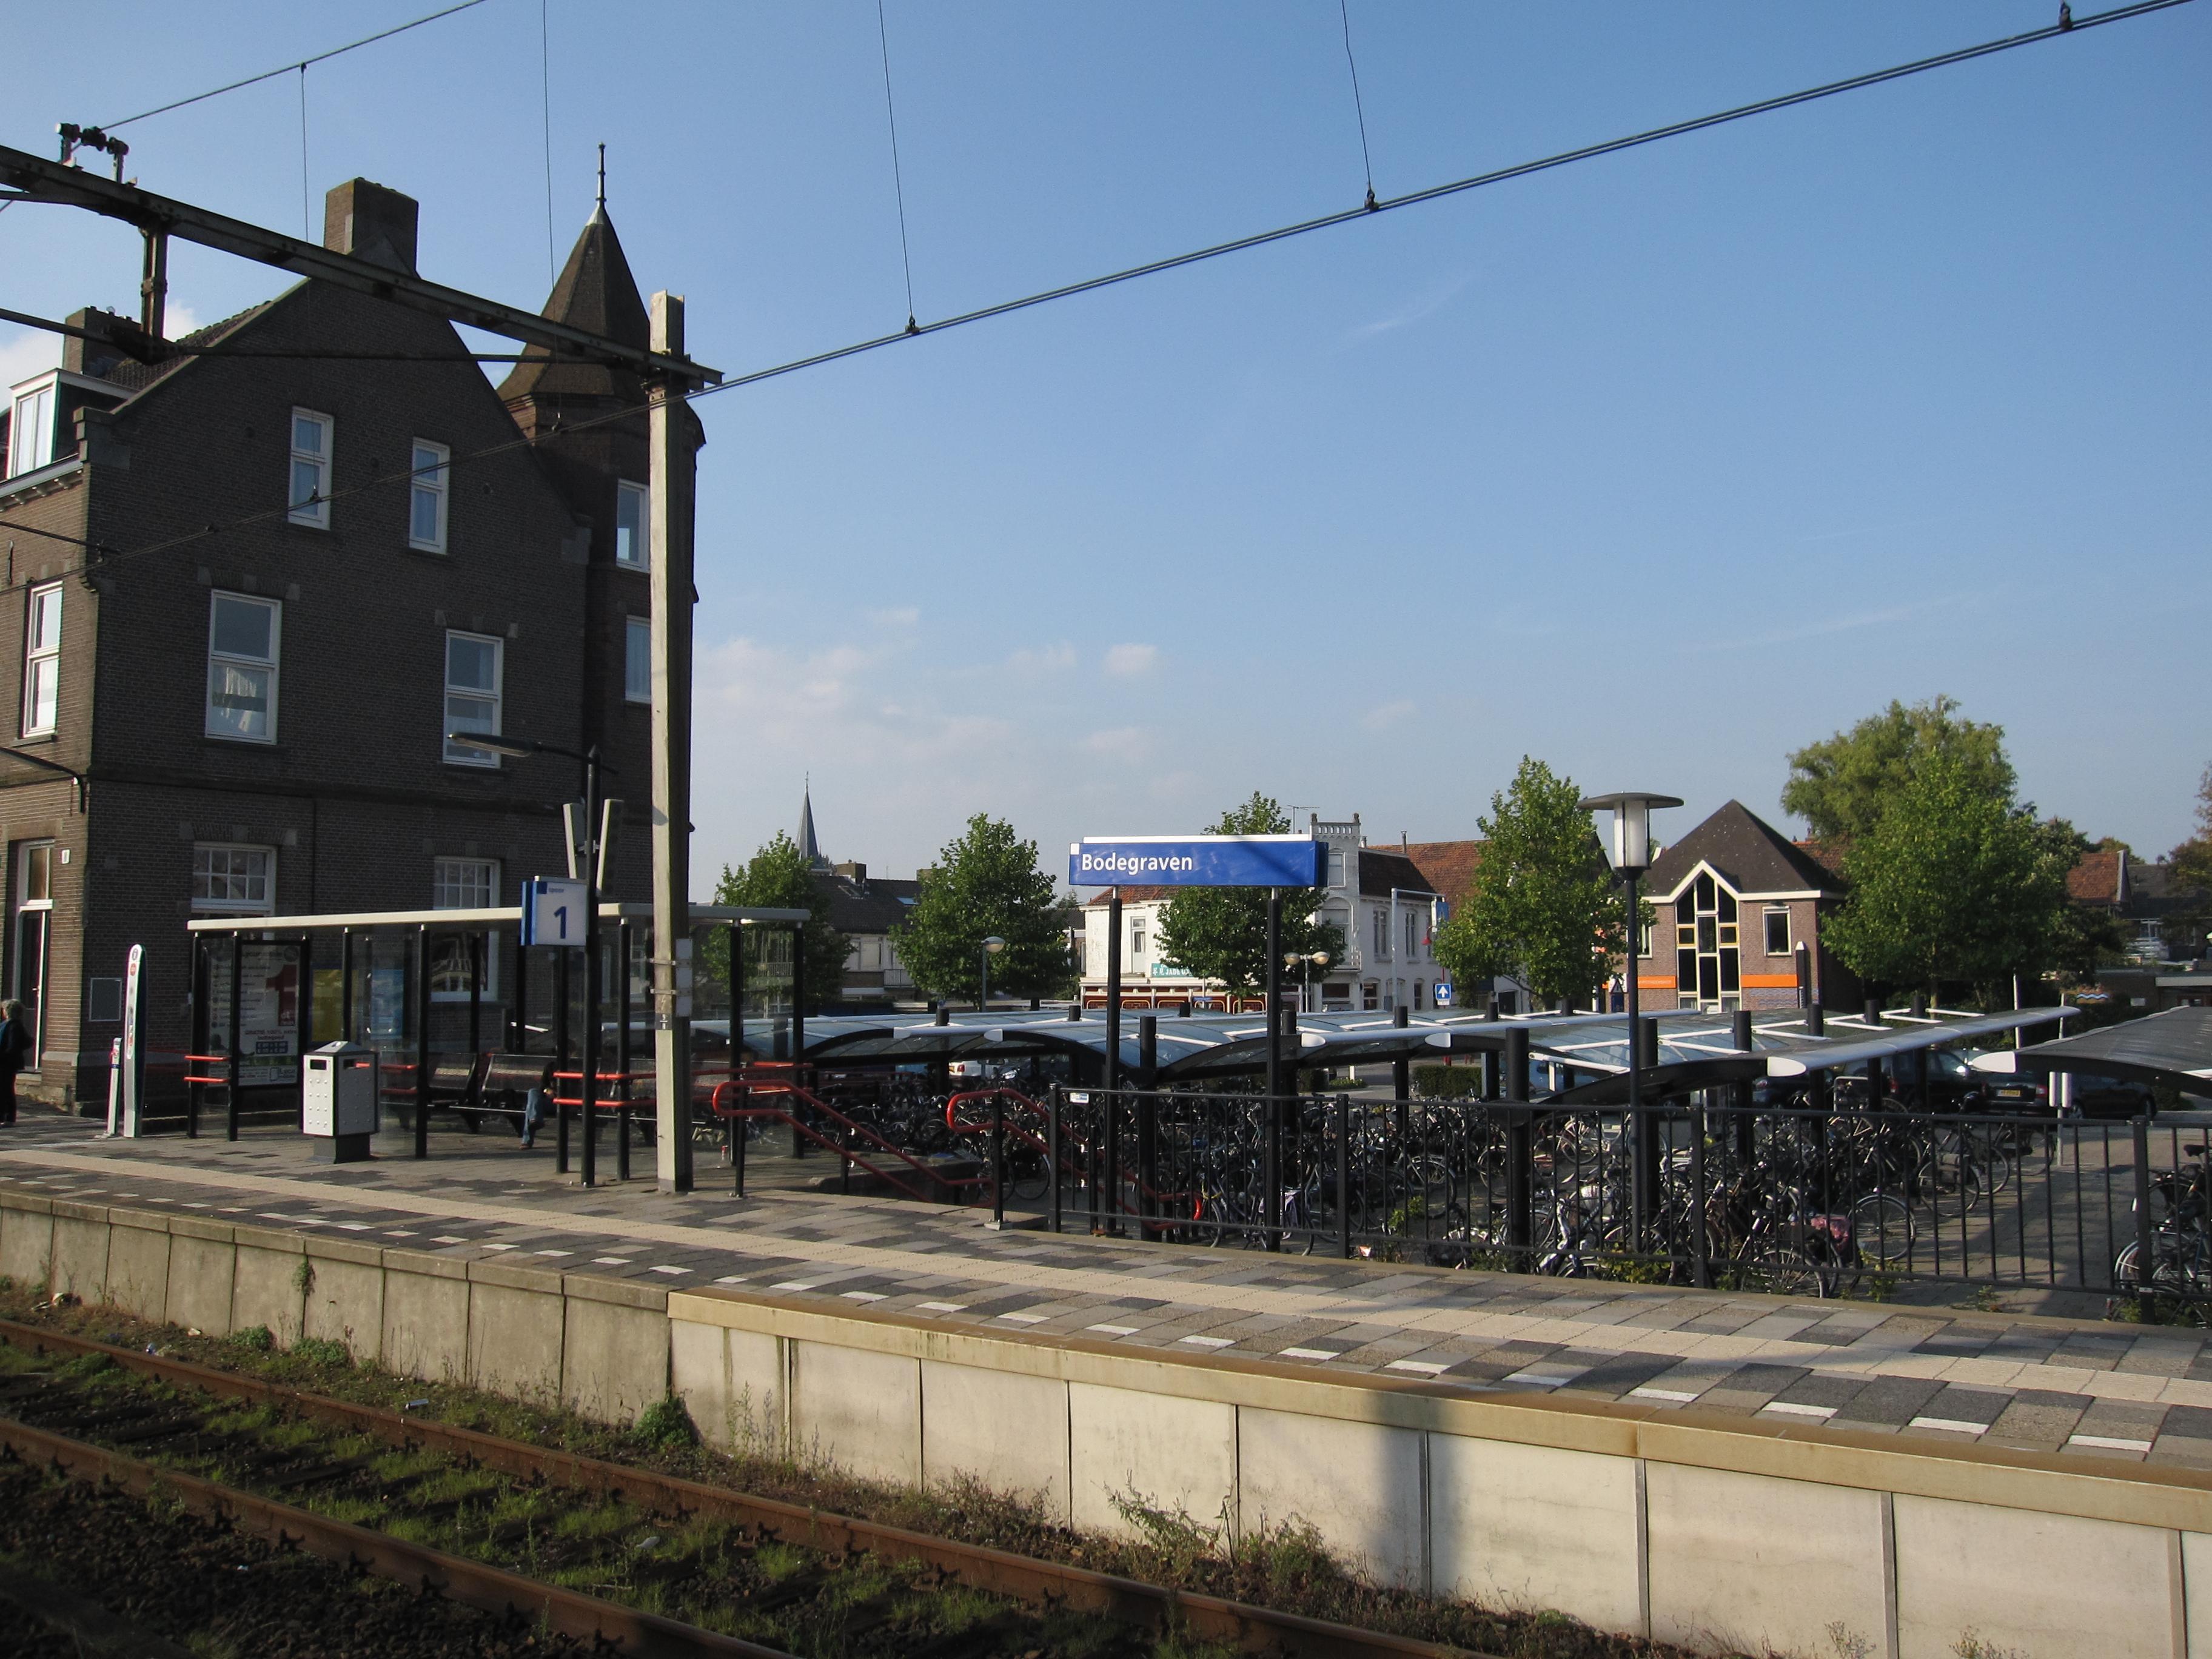 Station Bodegraven